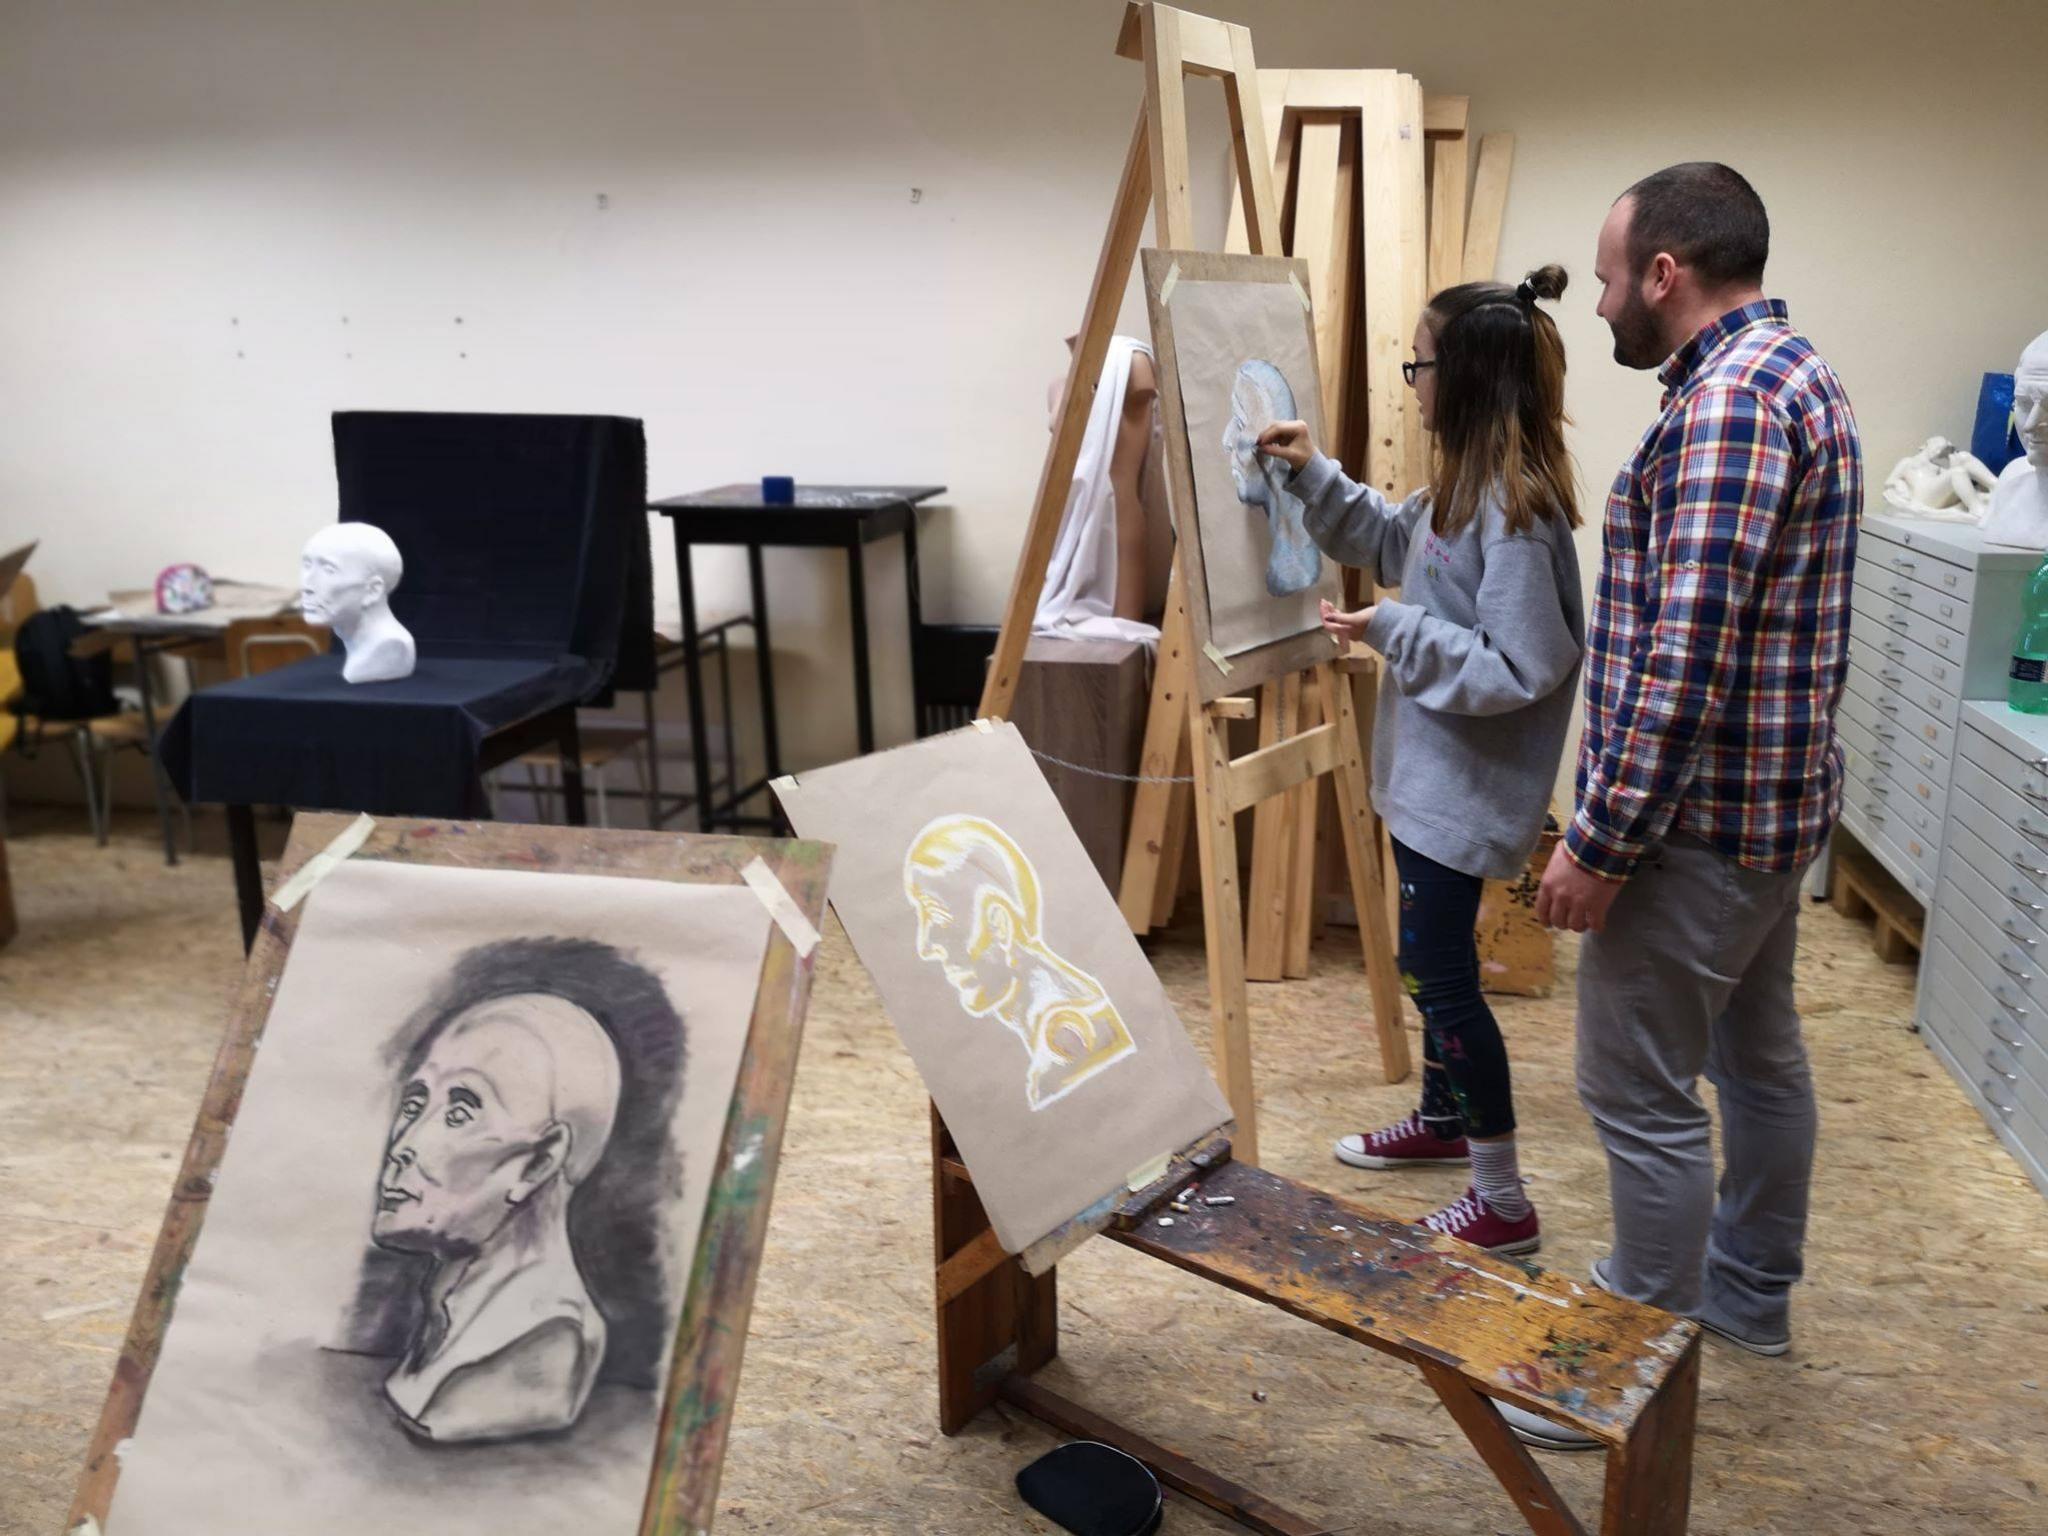 súkroná škola umeleckého priemyslu samova 14 v Nitre